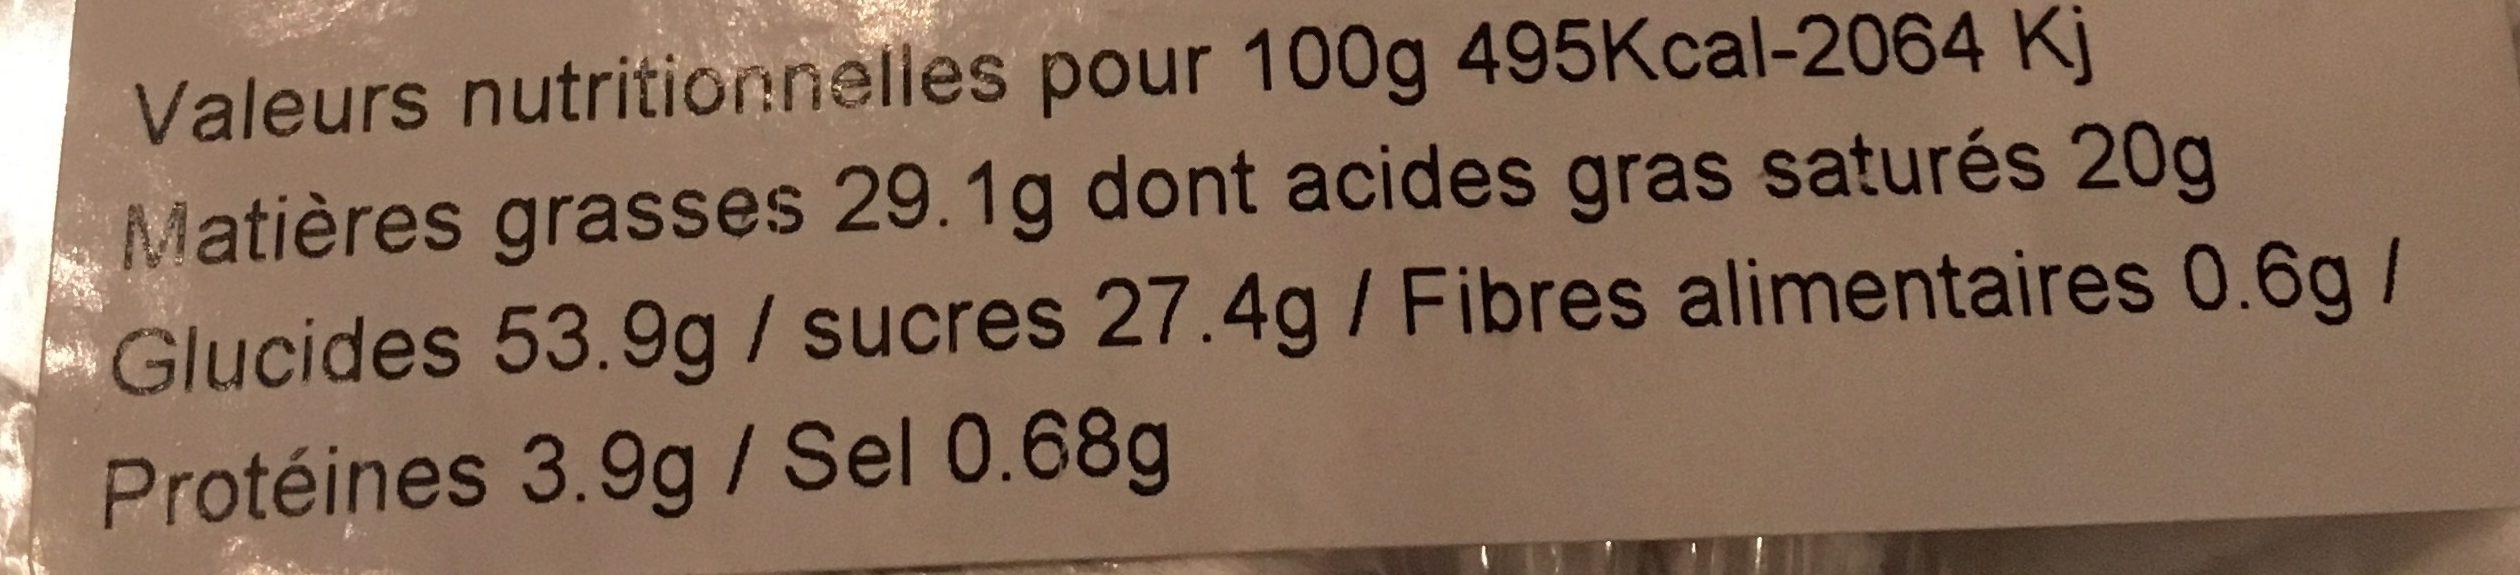 Kouign Amann - Informations nutritionnelles